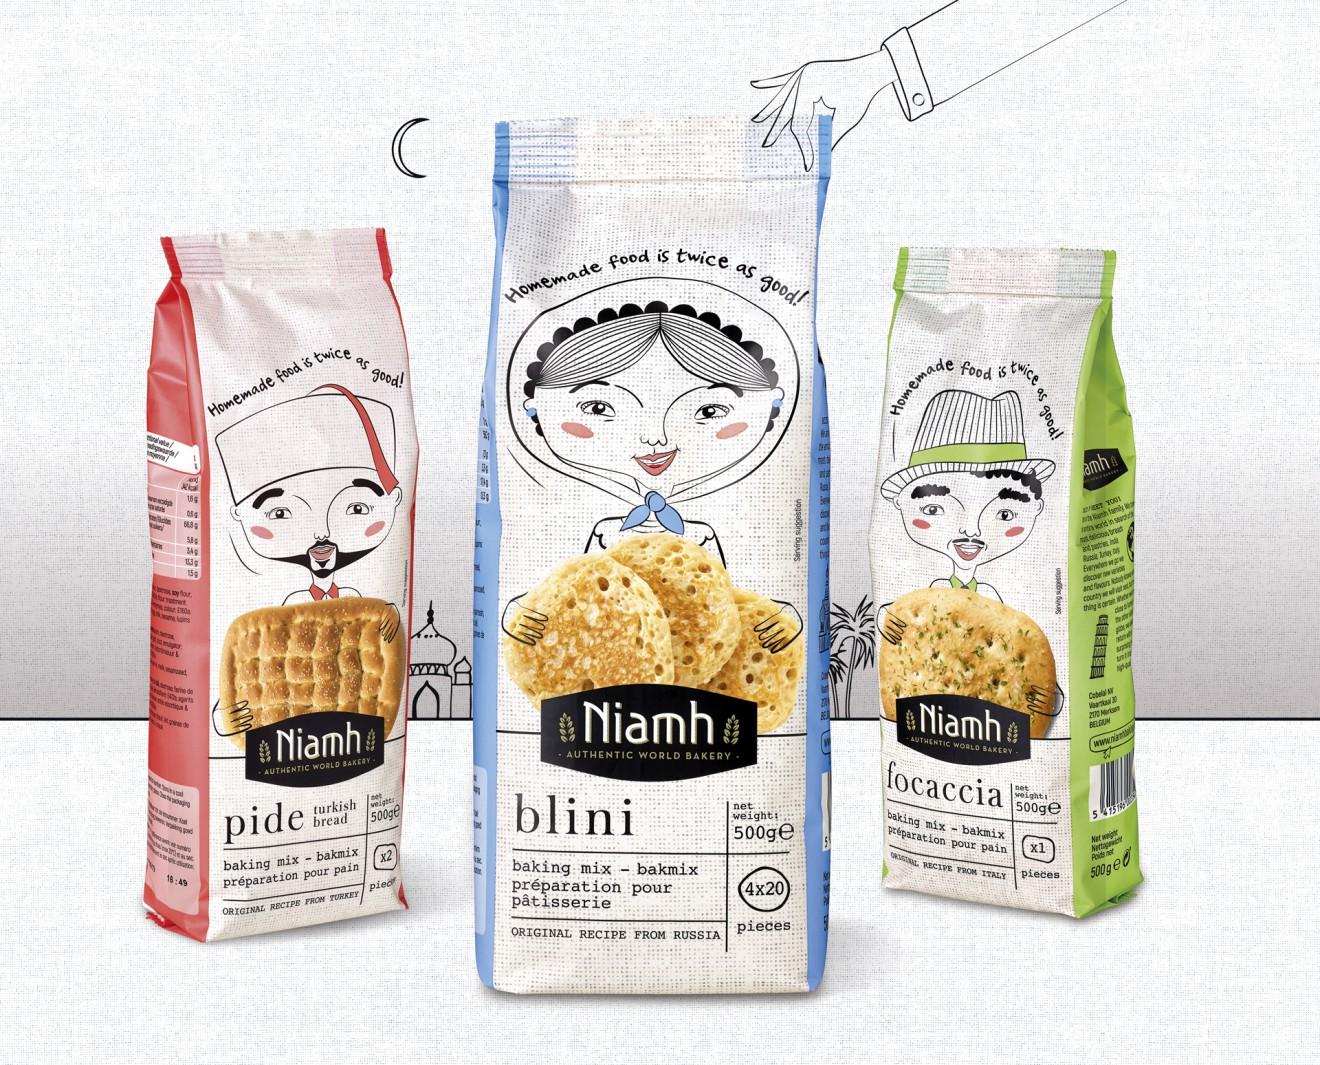 Quatre Mains package design - quatre mains, brood, blini, focaccia, pide